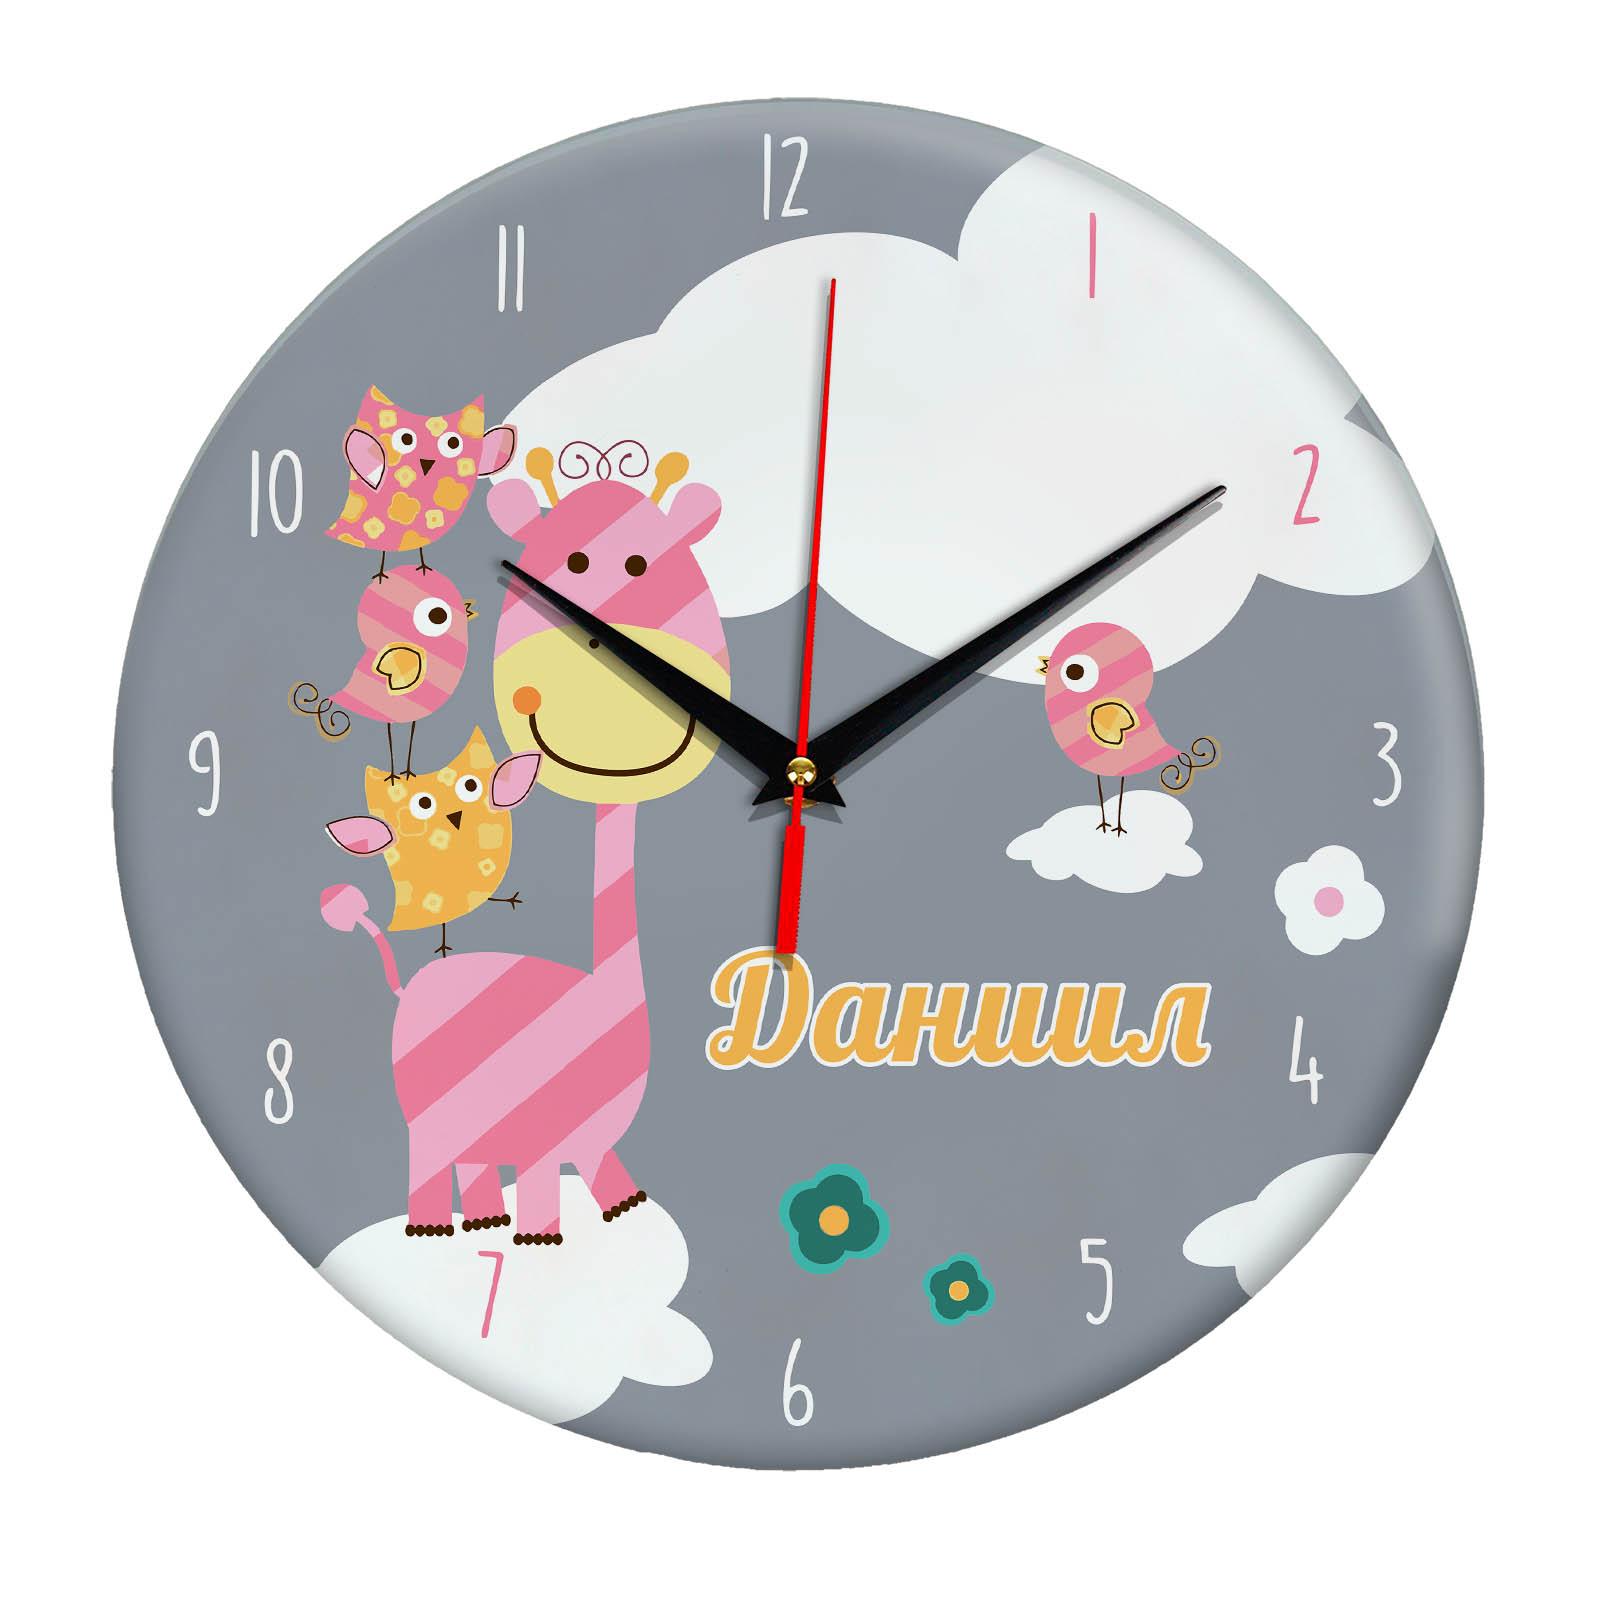 Часы персонализированные «Даниил»